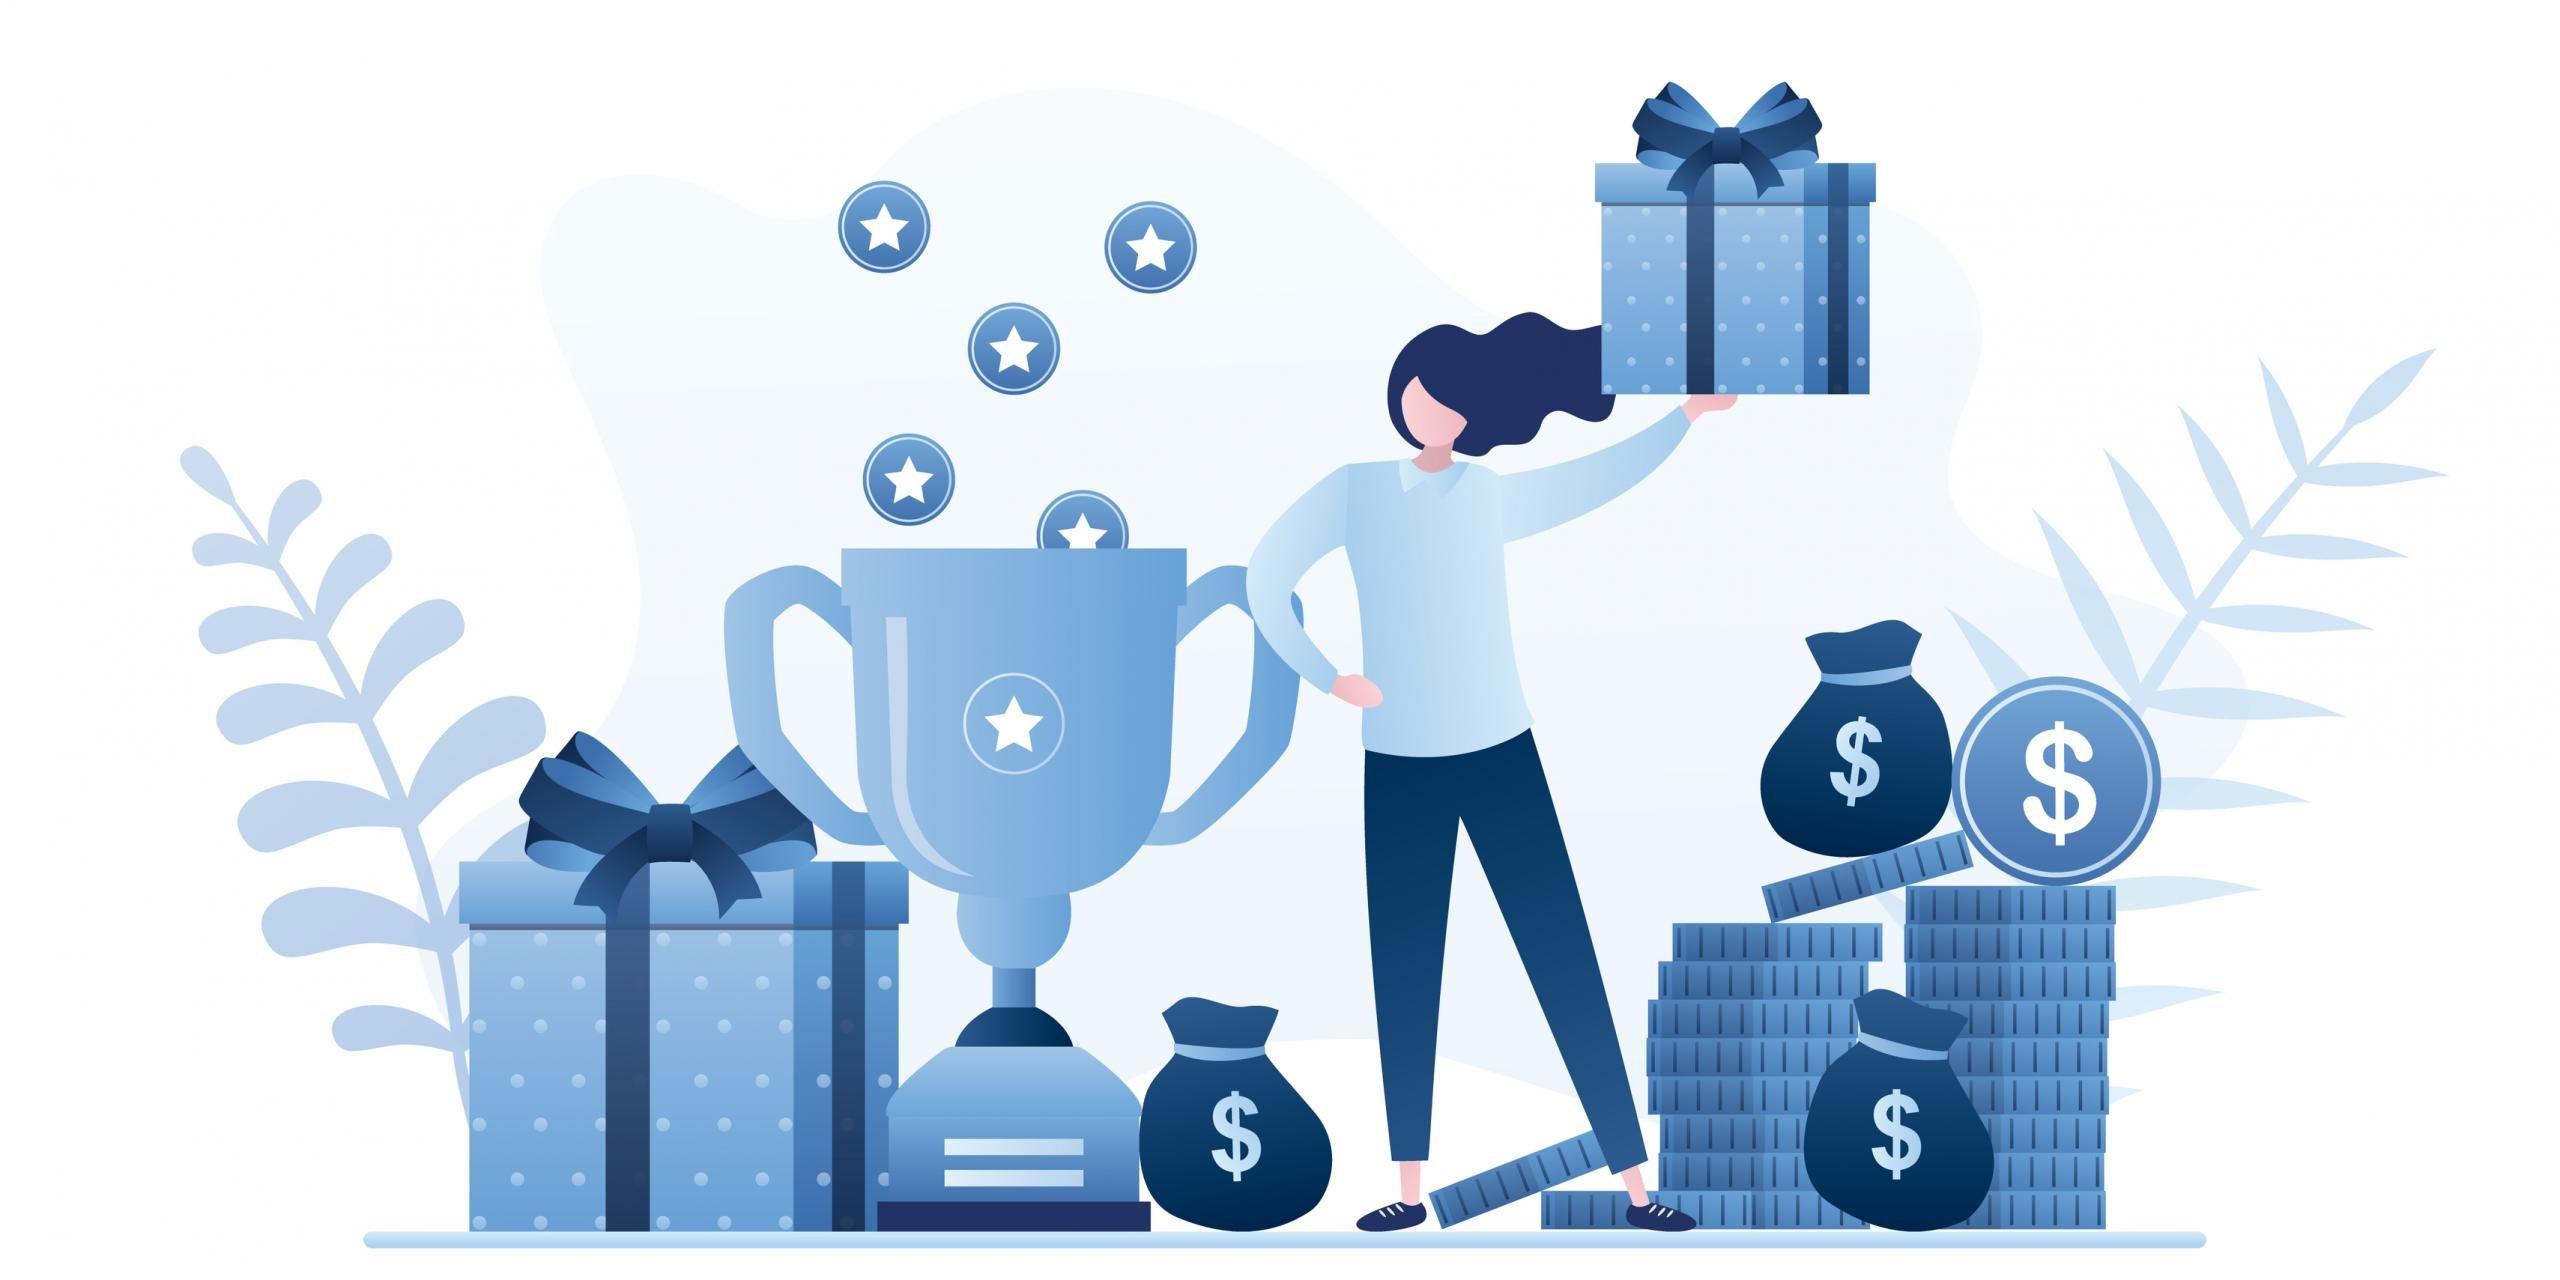 Các chiến lược hàng đầu để có một chương trình phần thưởng thành công -